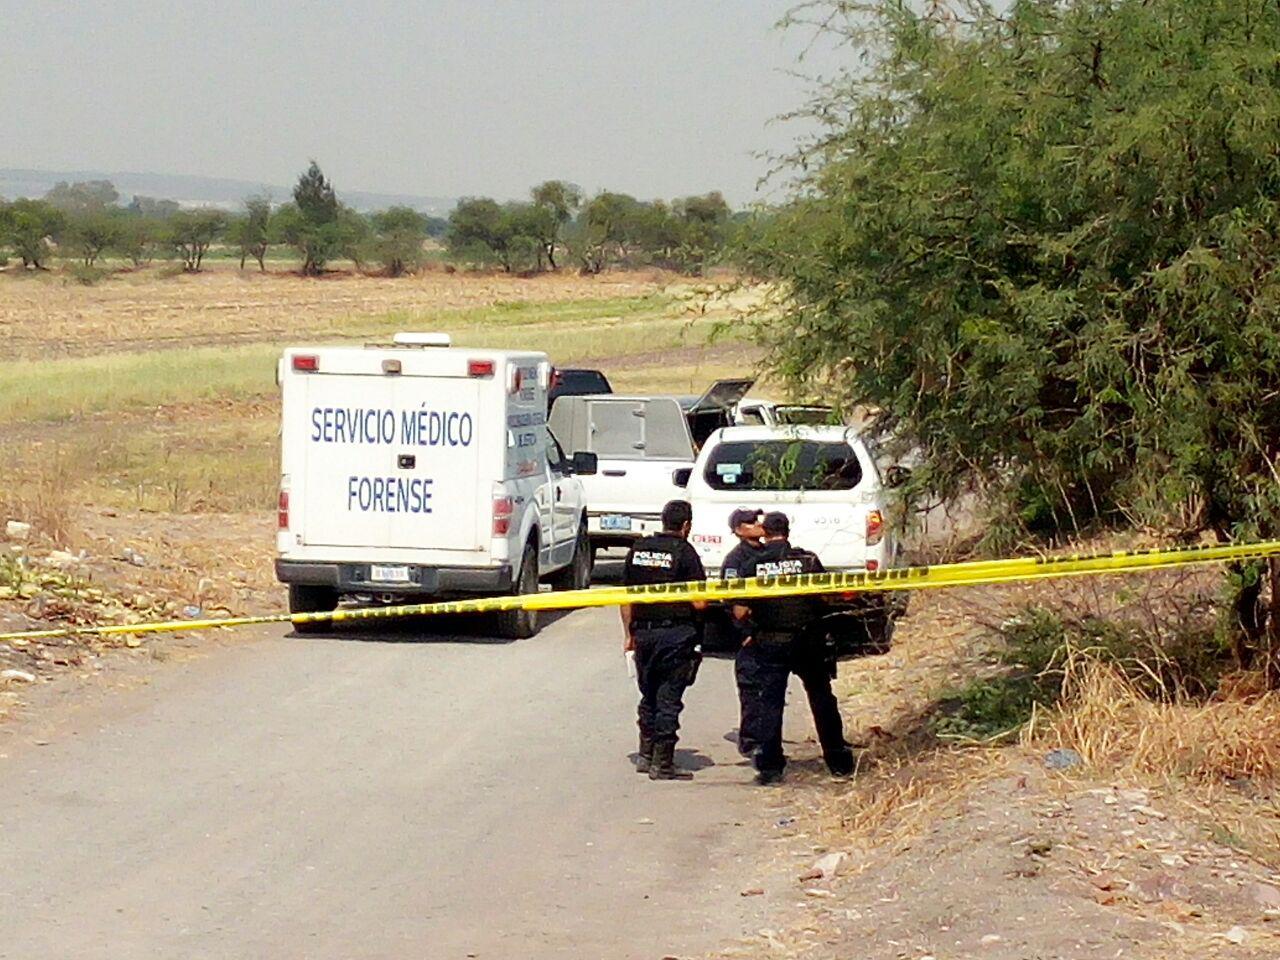 La violencia homicda sigue al acecho